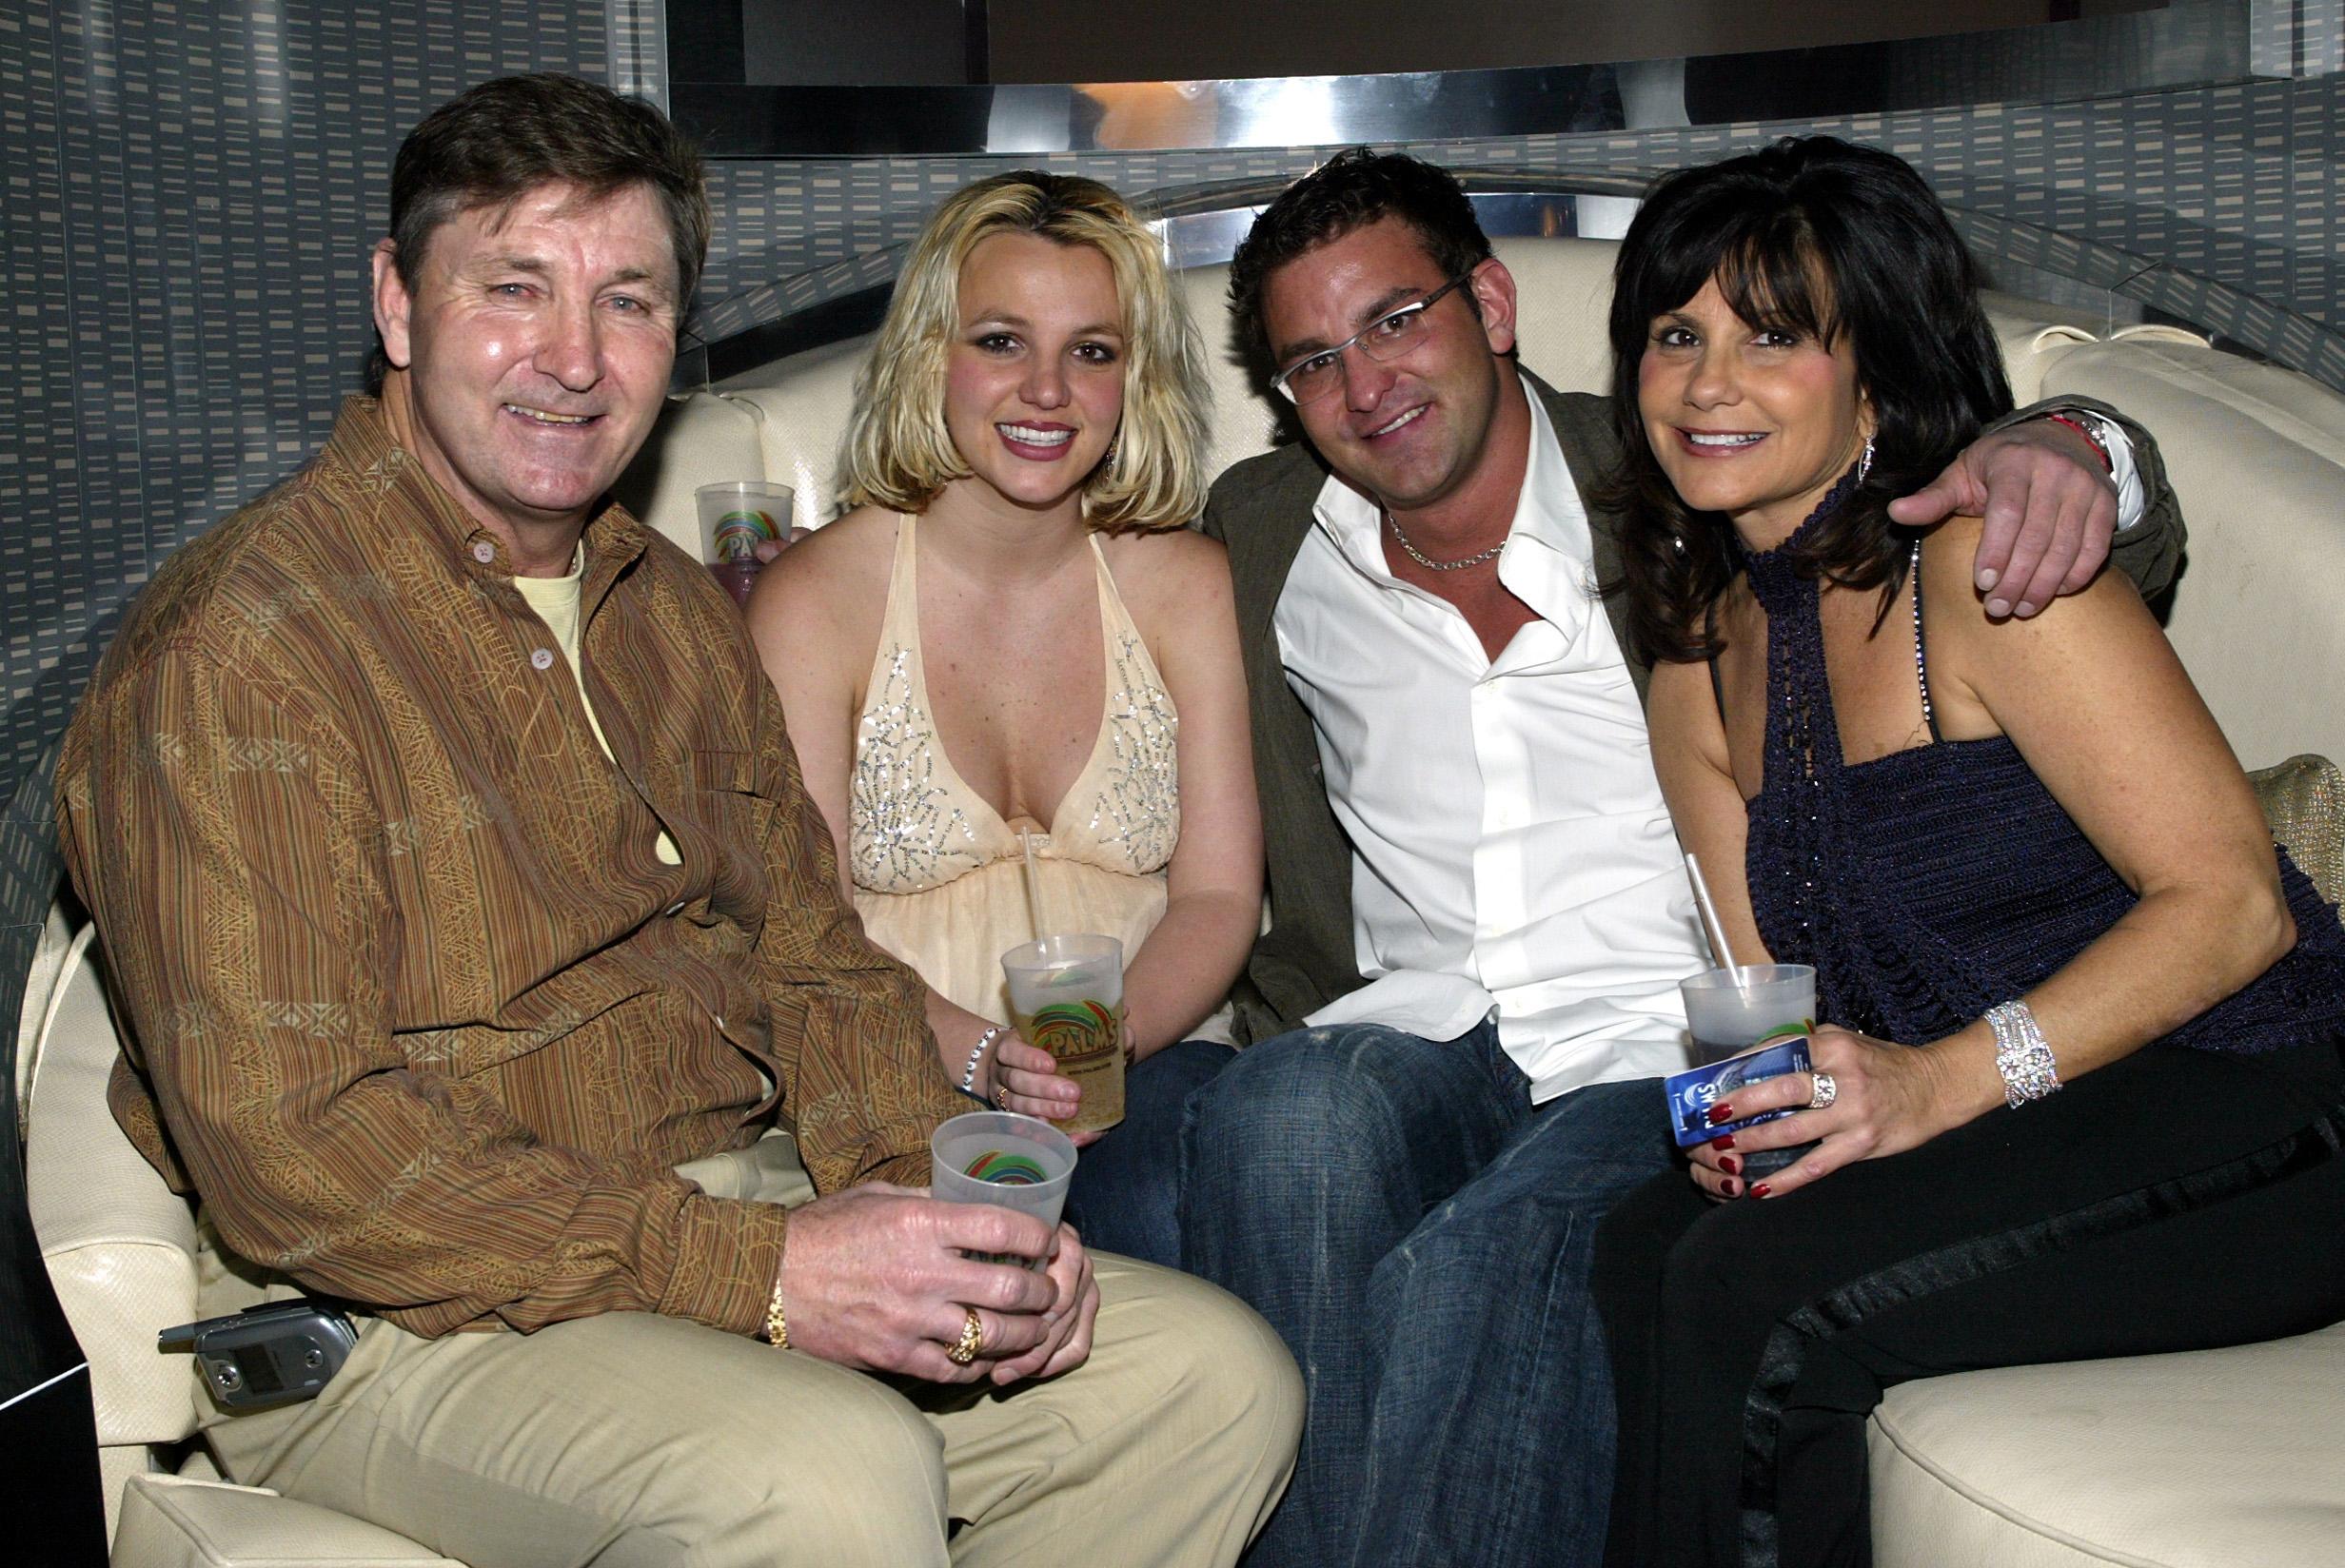 Jamie Spears, Britney Spears, Bryan Spears and Lynne Spears